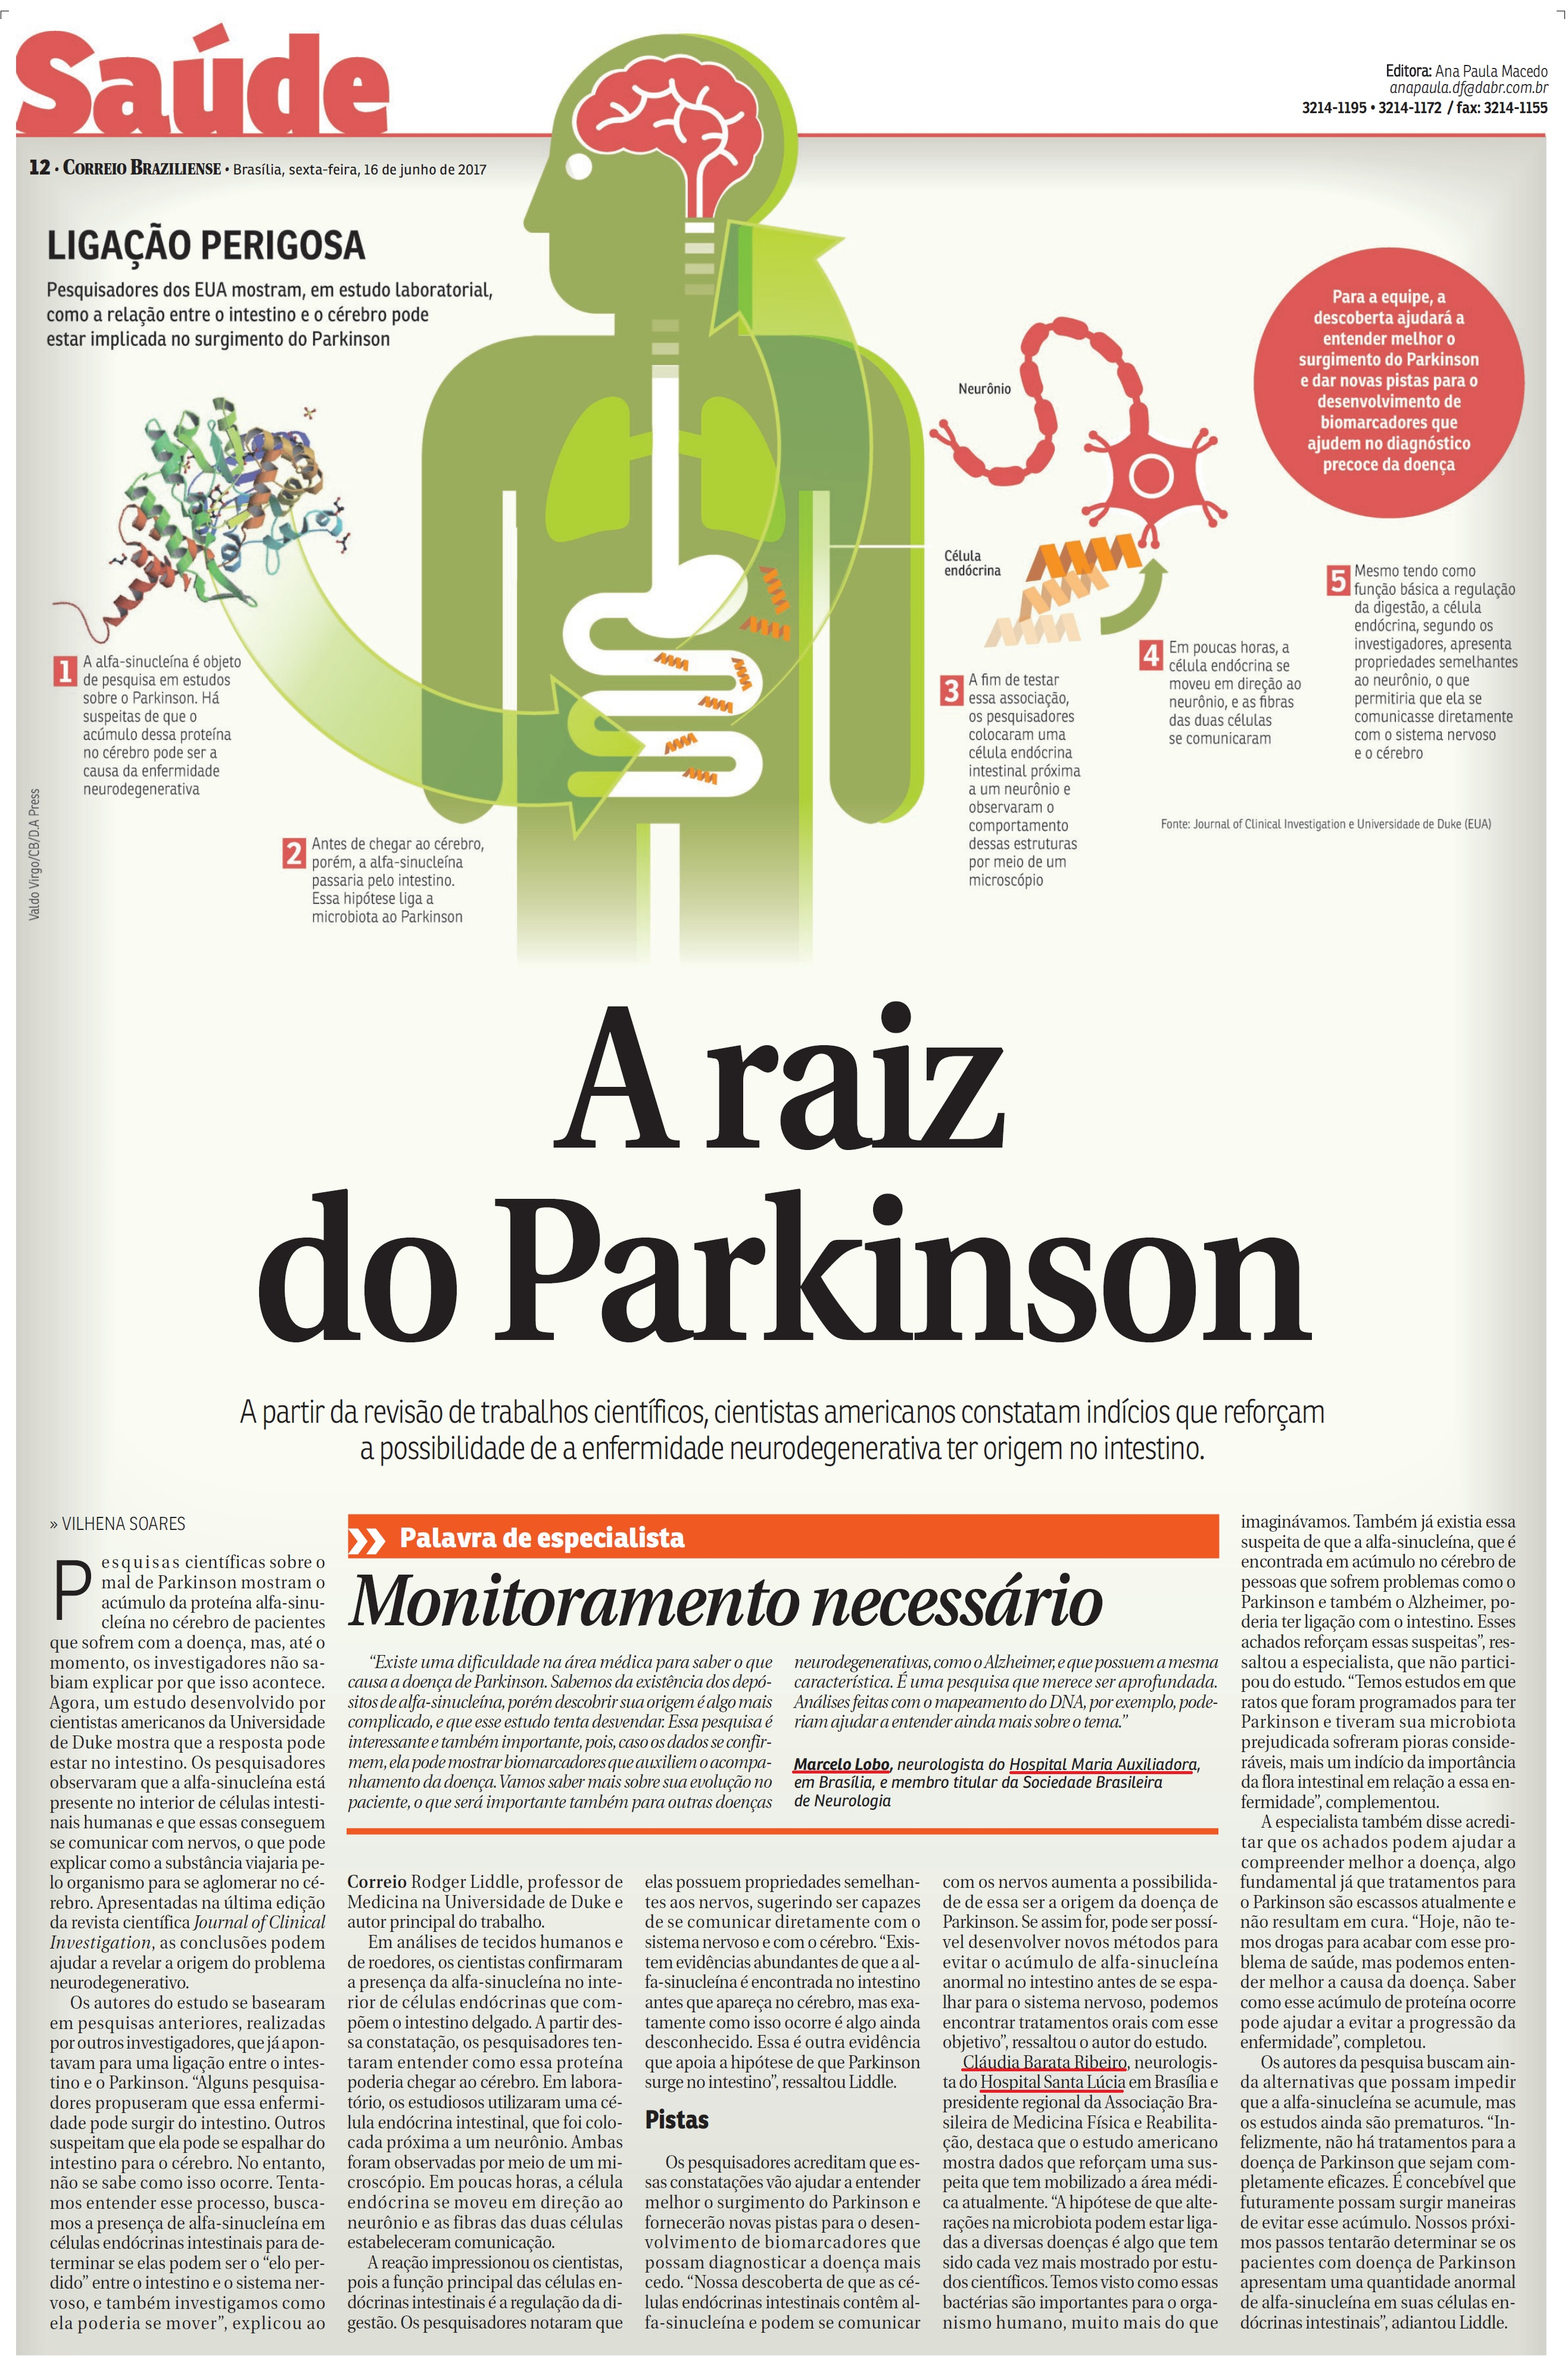 Correio Braziliense - Neurologia Grupo Santa - 16-06-2017